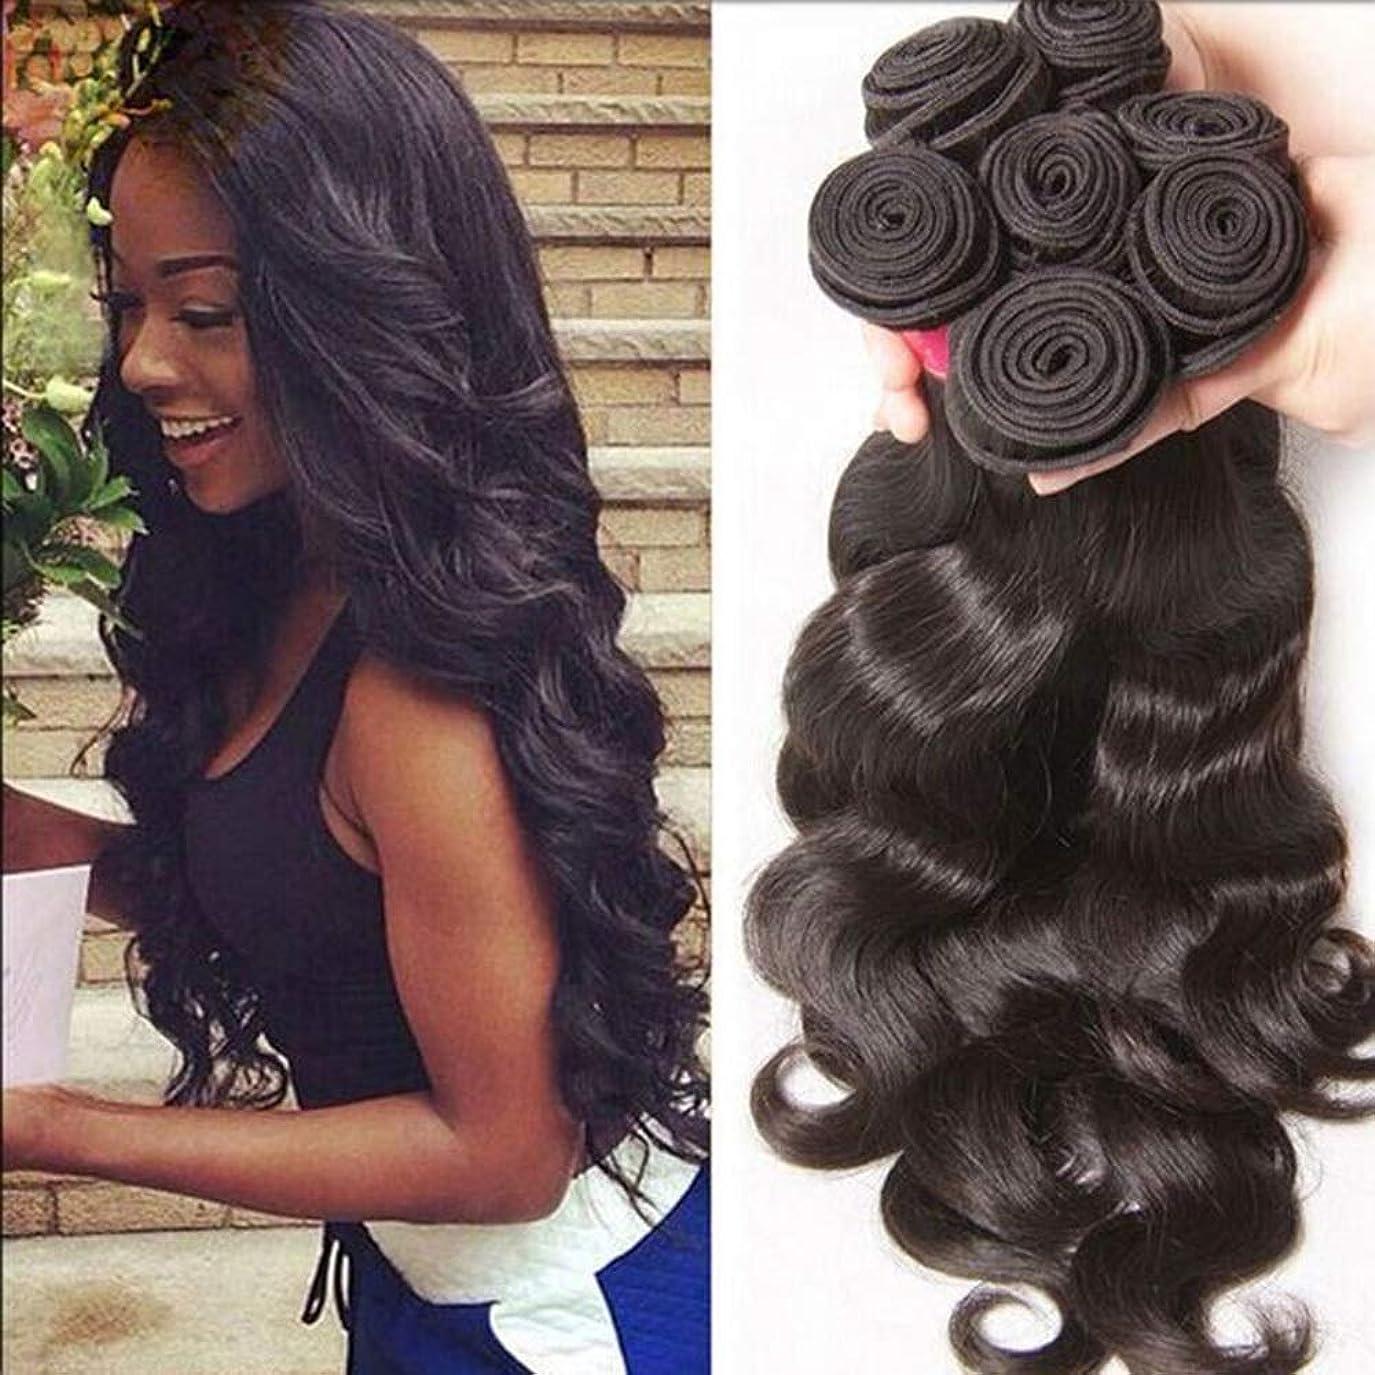 コードレス刈るペナルティYESONEEP ウィメンズボディウェーブヘア1バンドル100%未処理のバージンヒューマンブラジル髪(1バンドル、10